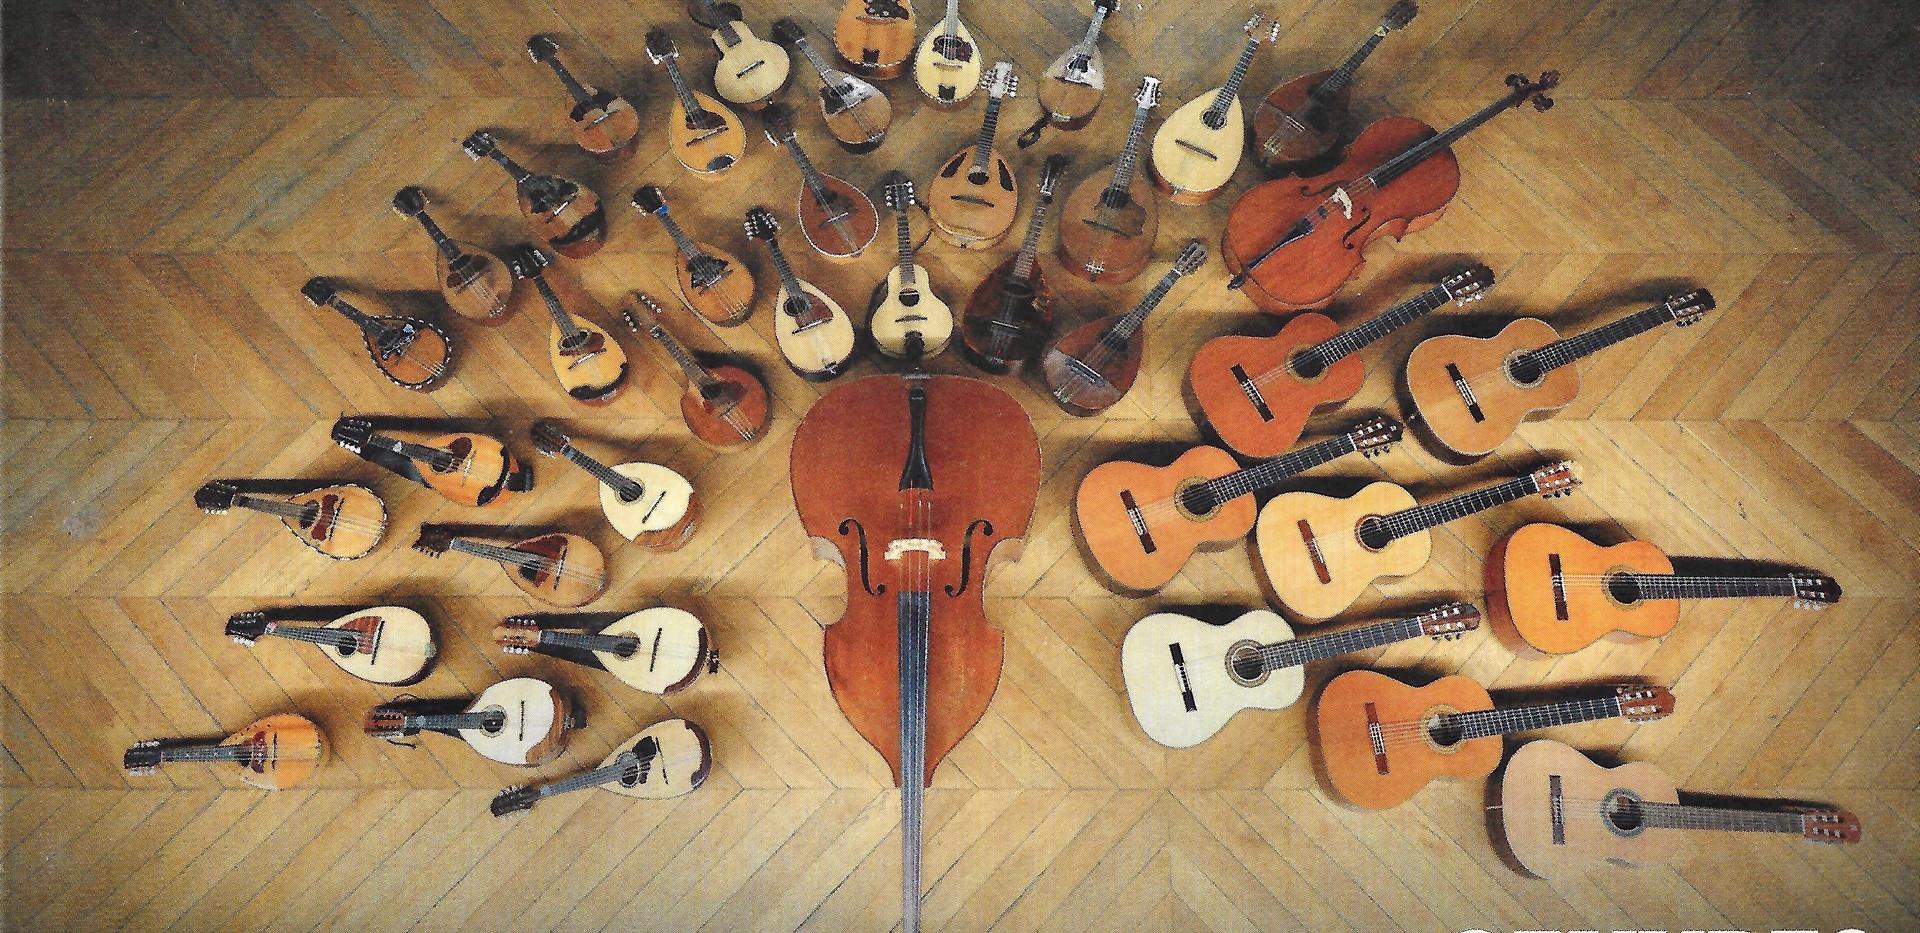 Oeuvres de Vincent Beer-Demander pour orchestre à plectre, duos, solos